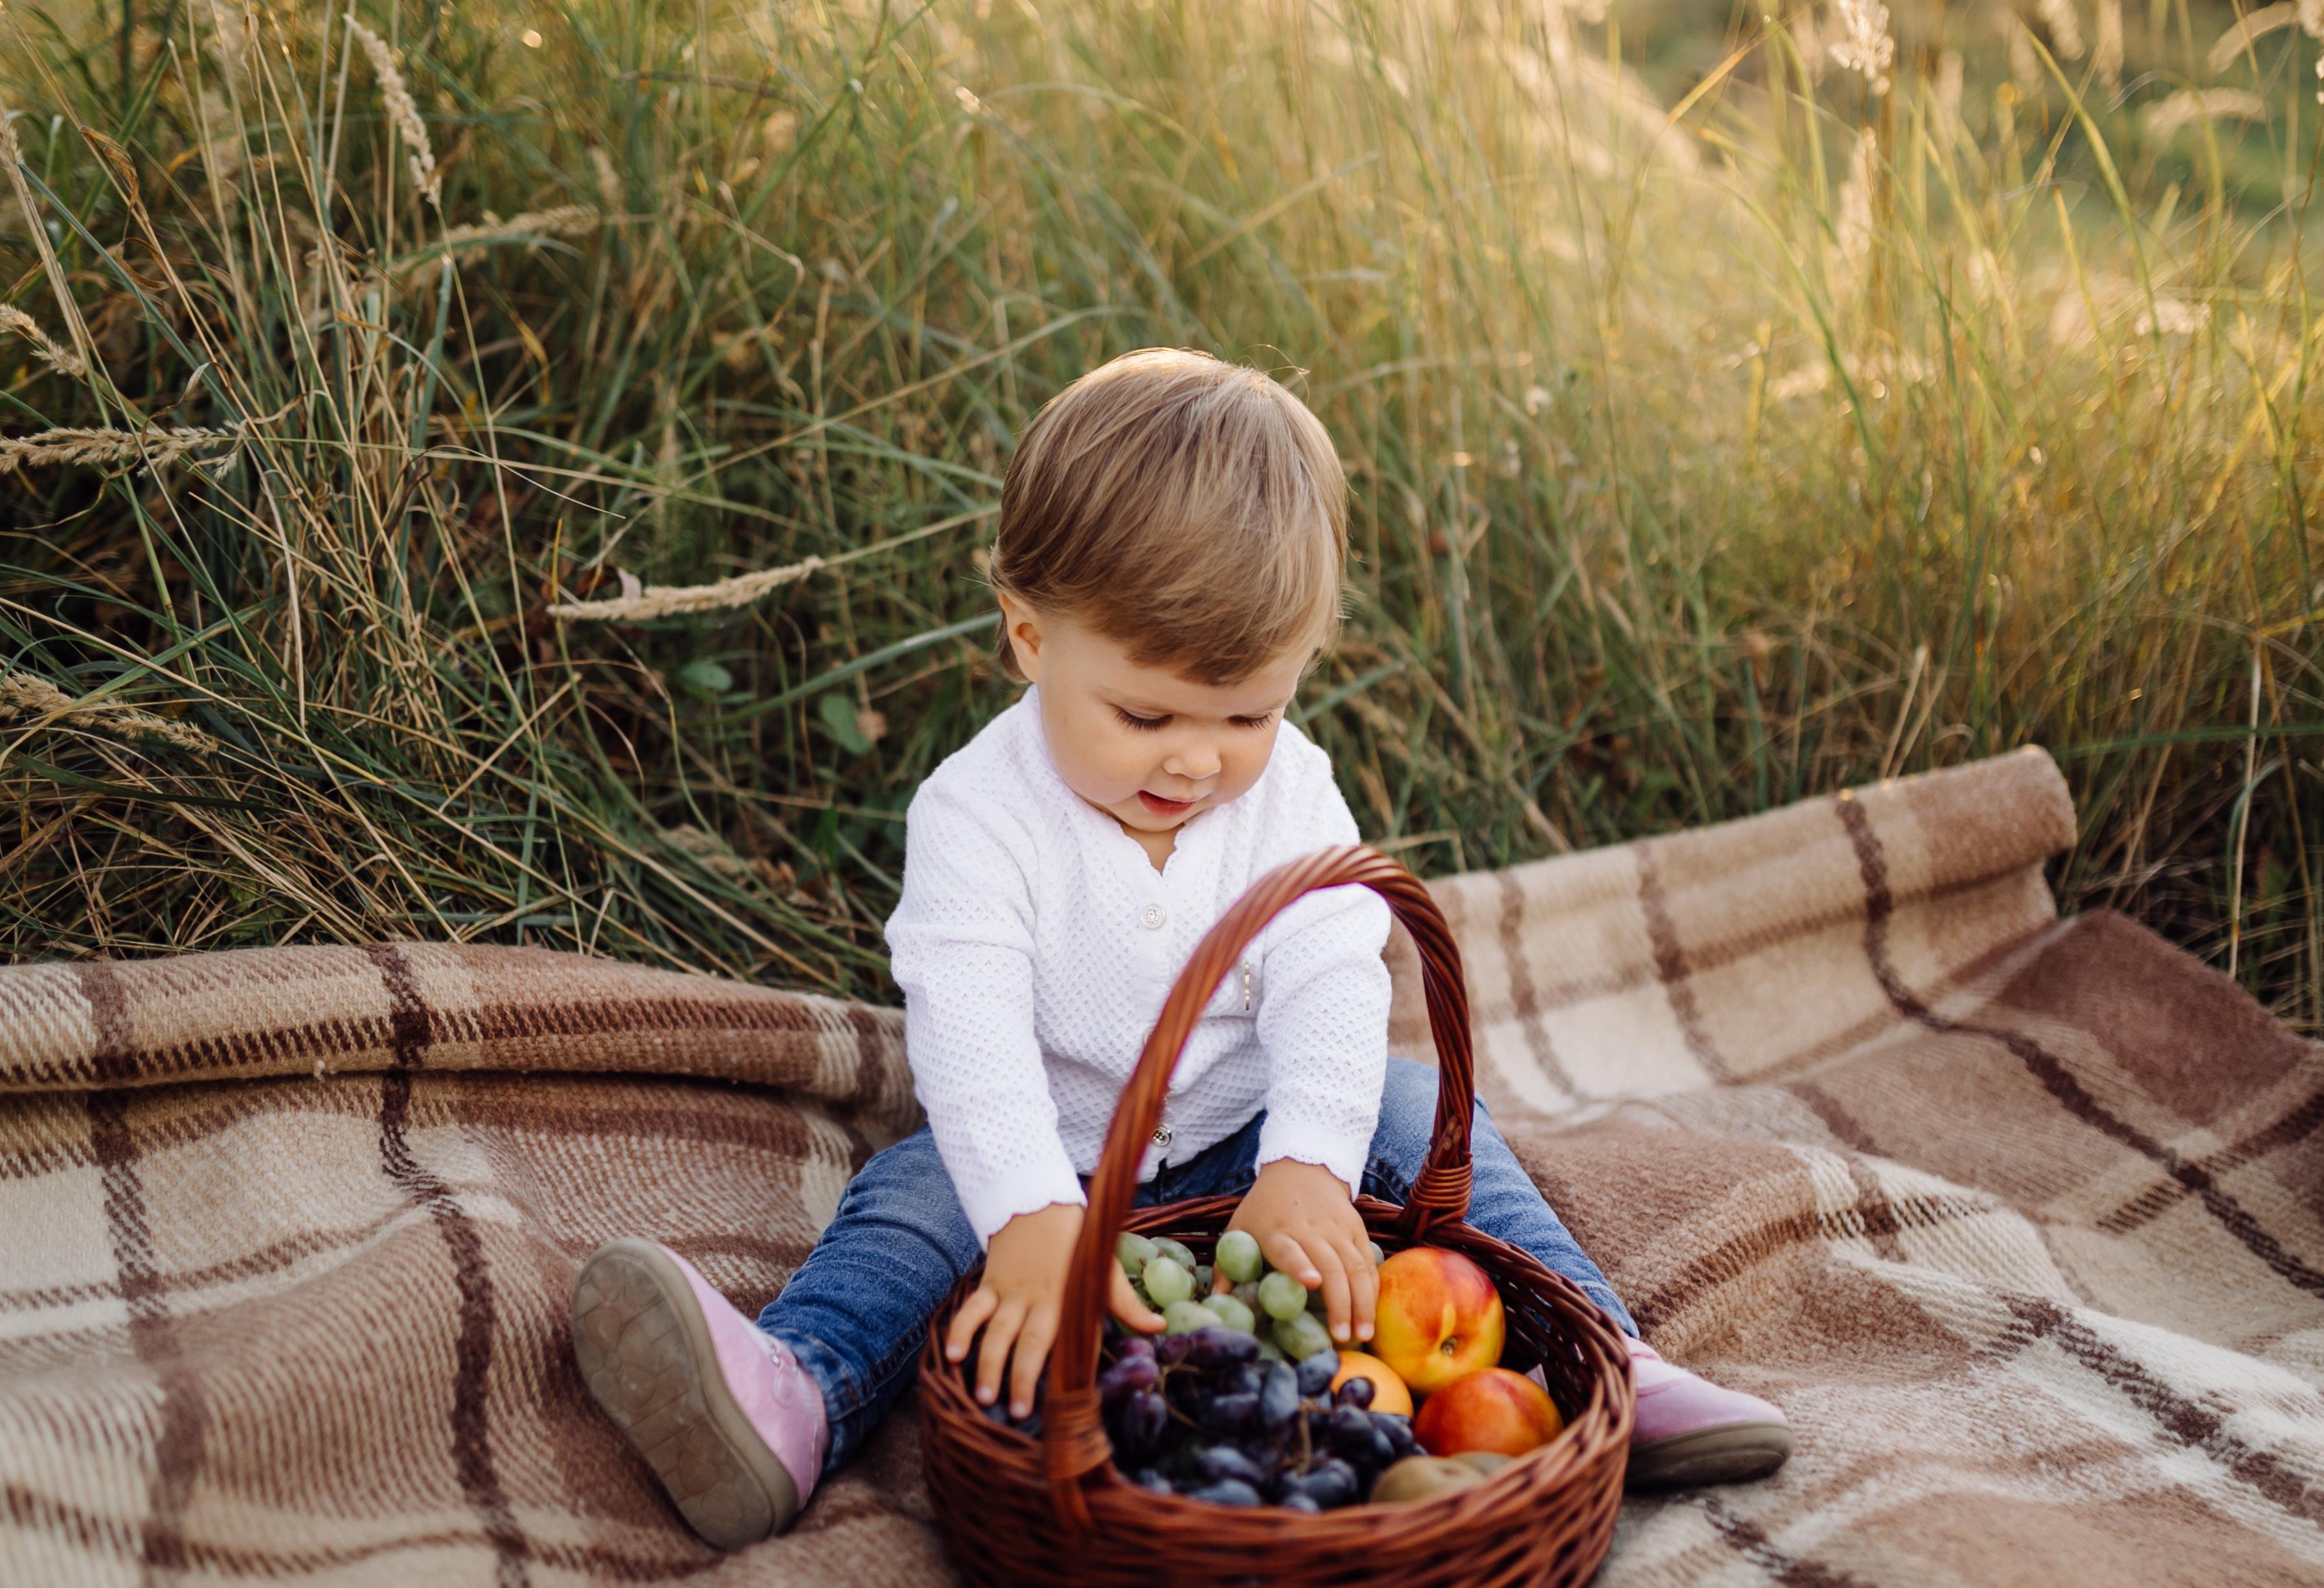 Małe dziecko na pikniku z koszem owoców